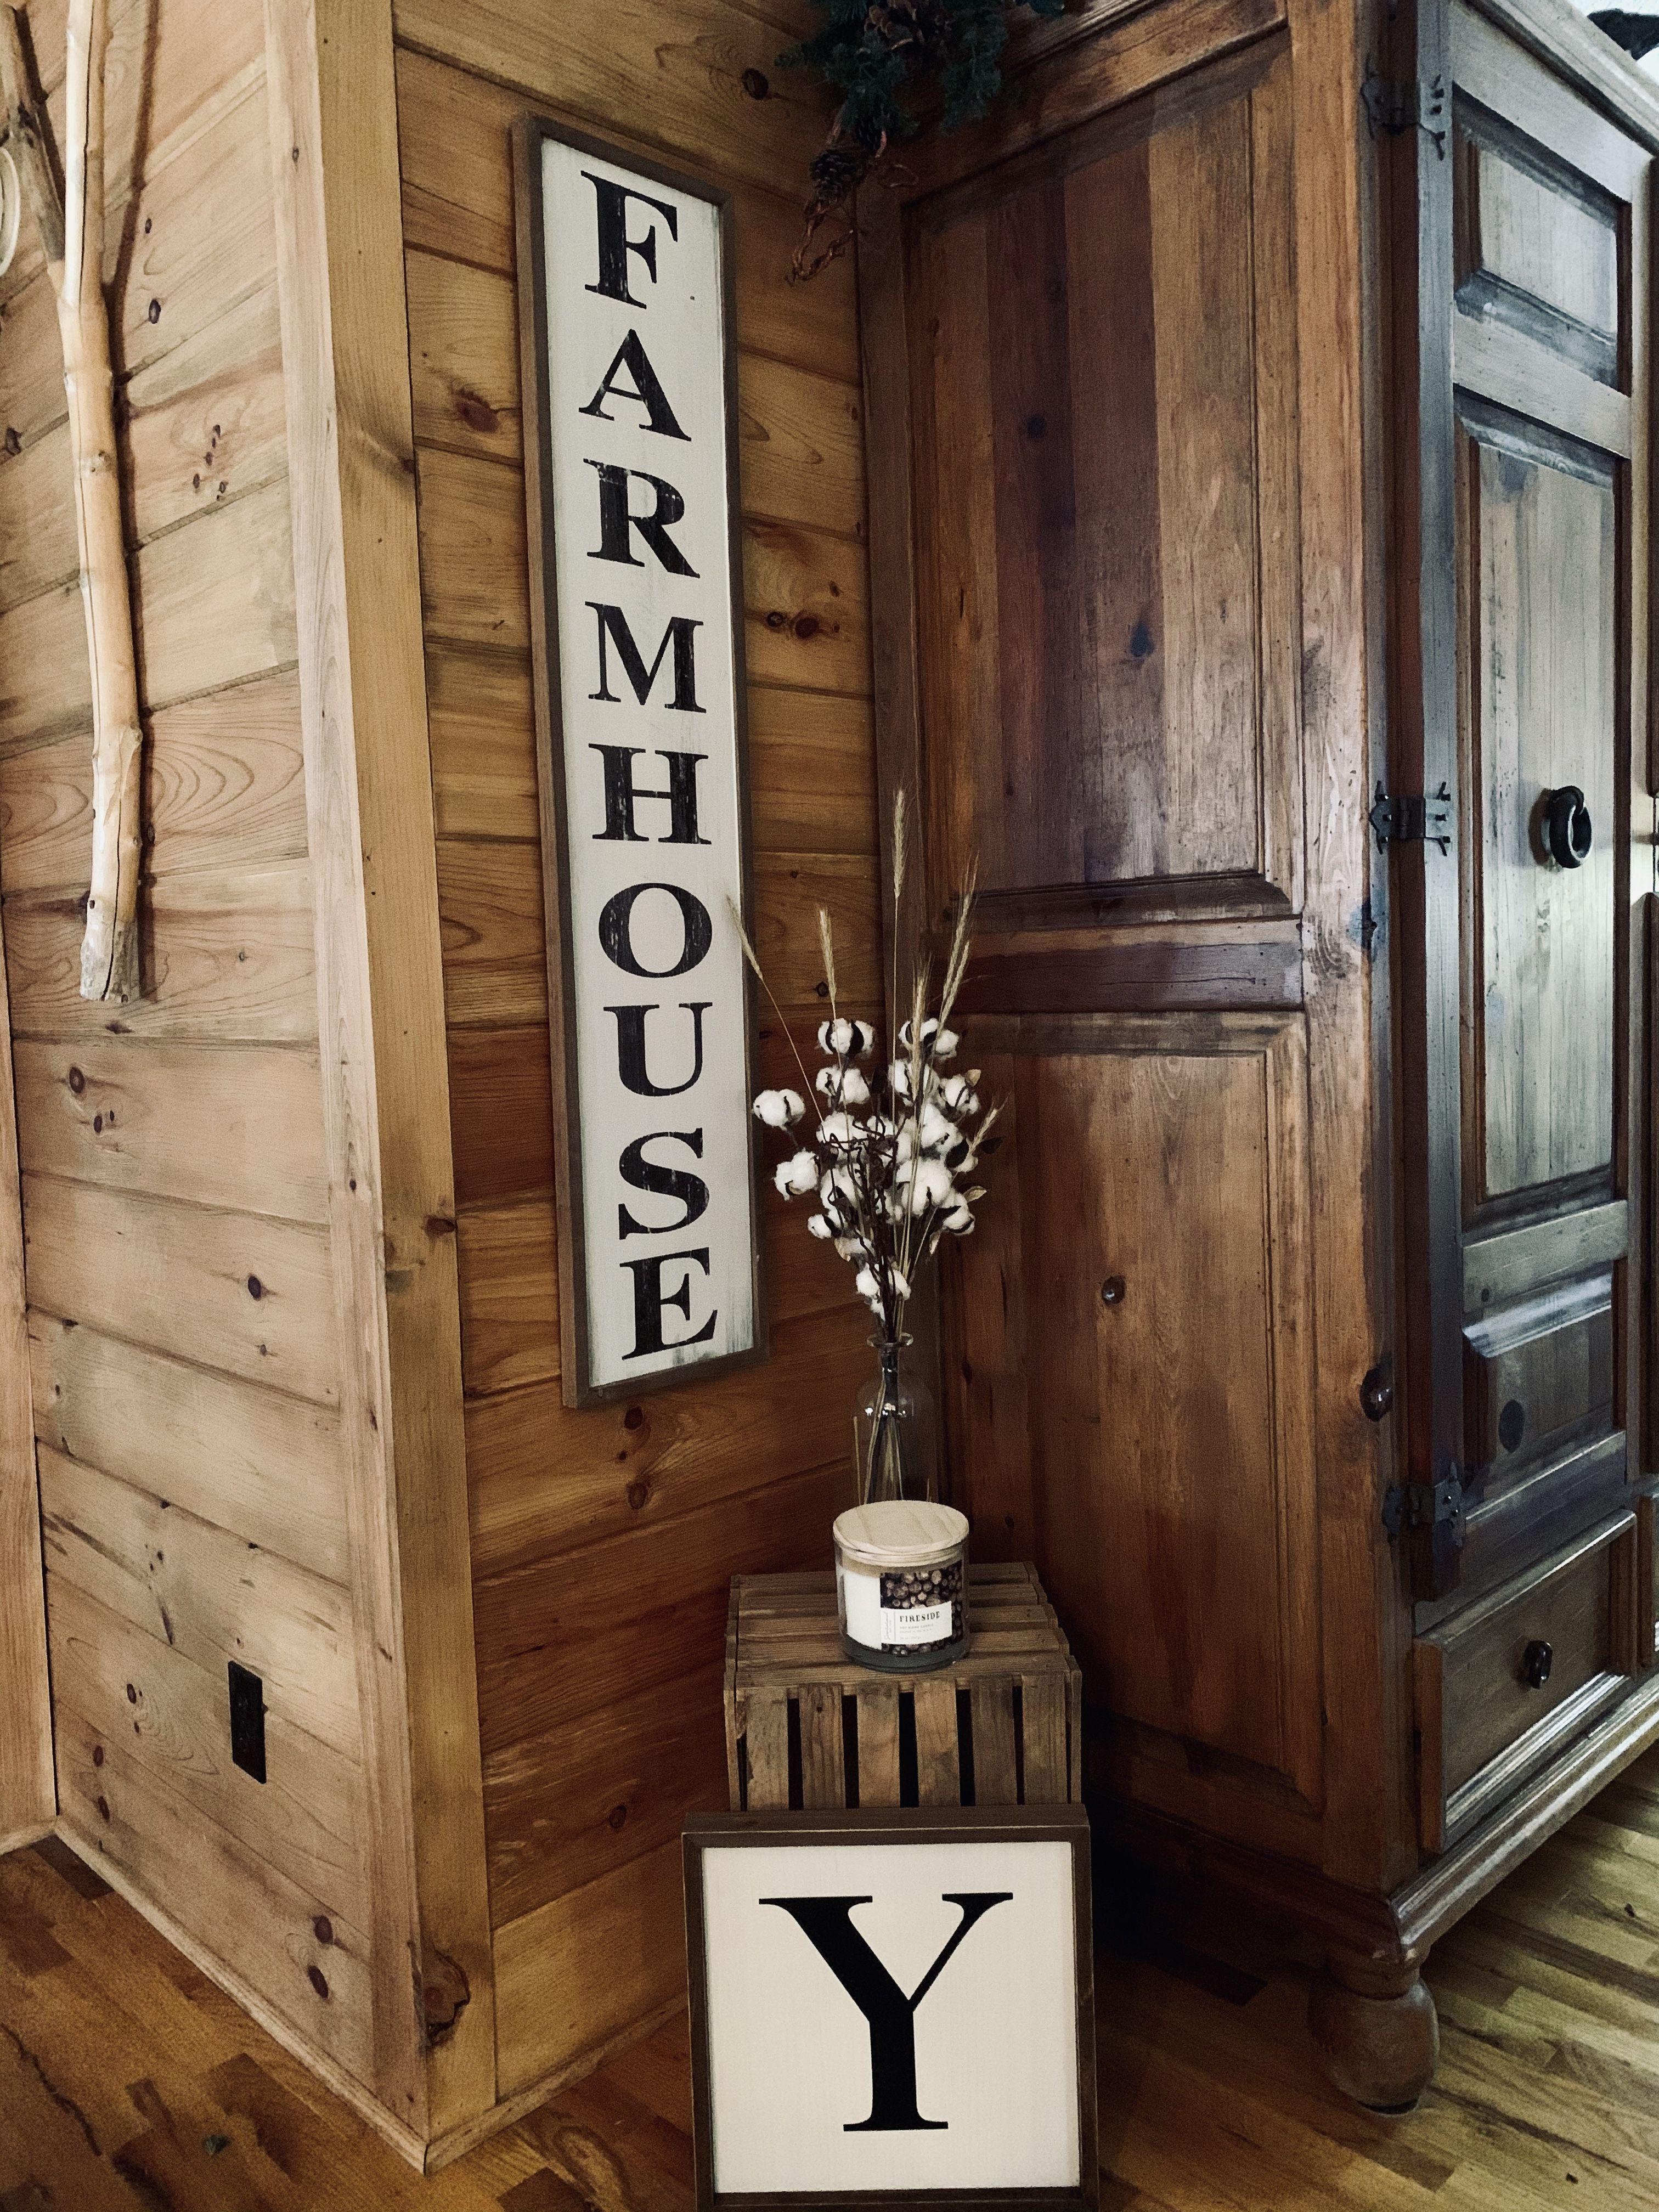 Farmhouse signHobby Lobby Cotton bouquet with wheat added